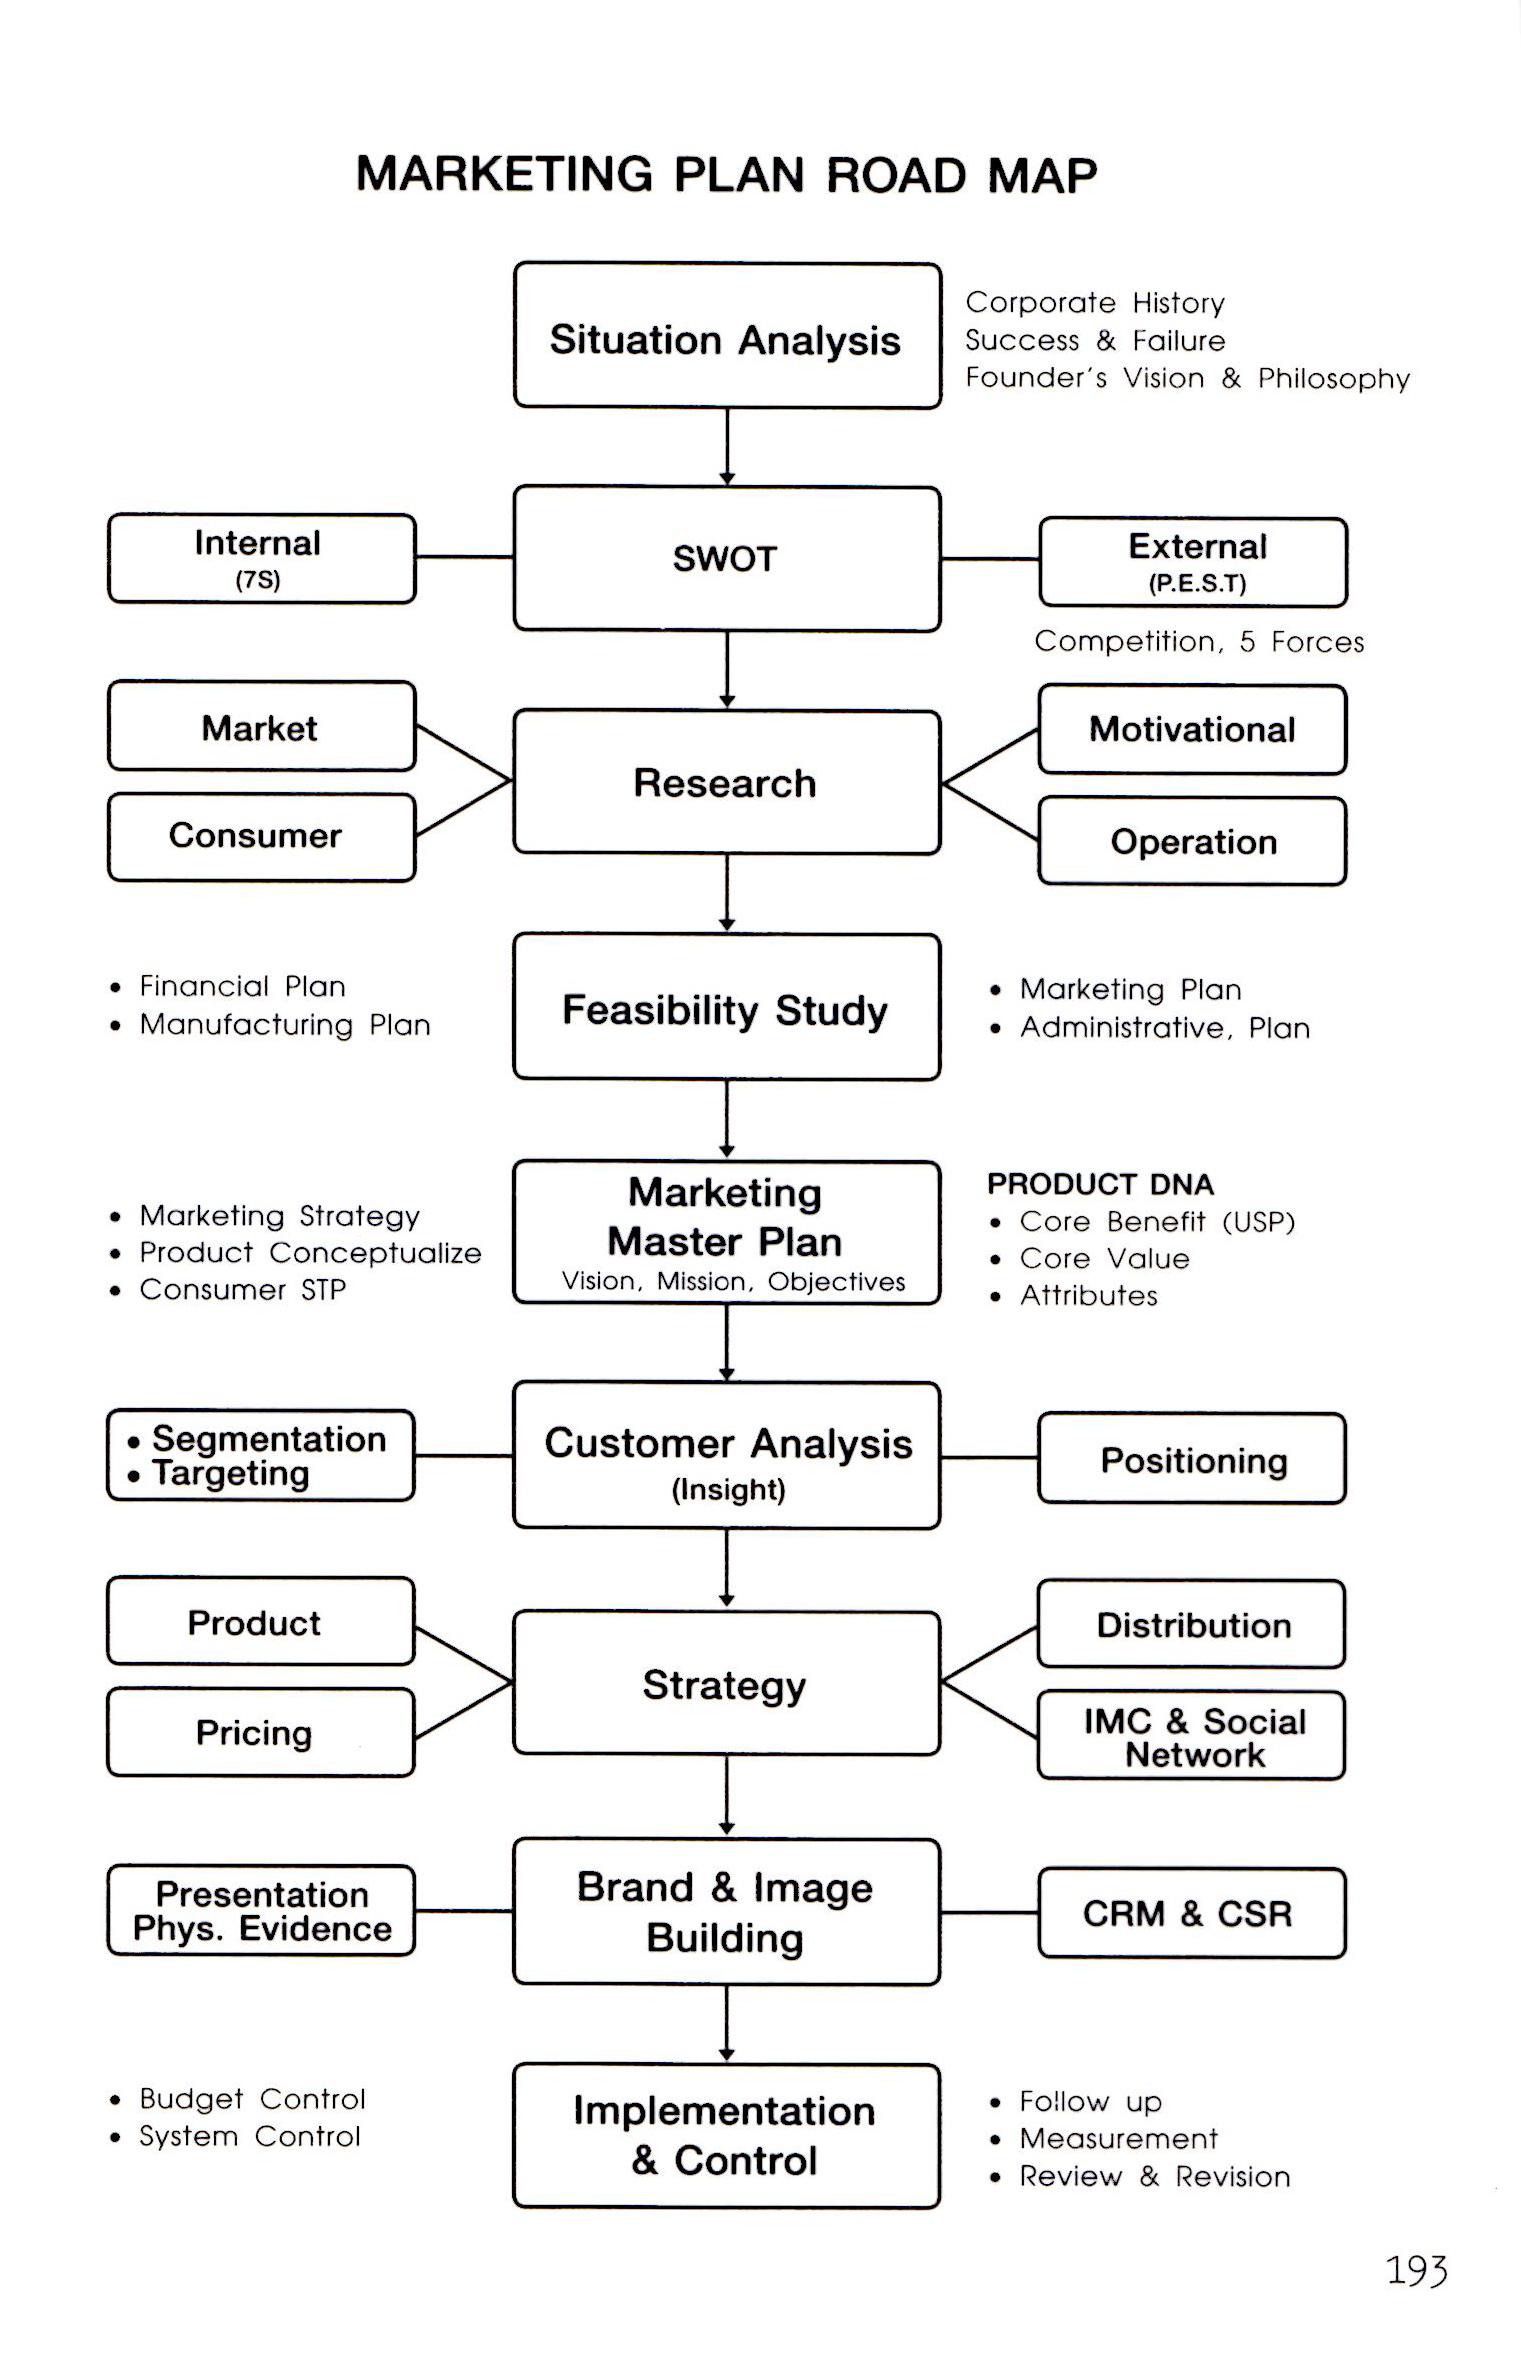 Marketing plan Road Map